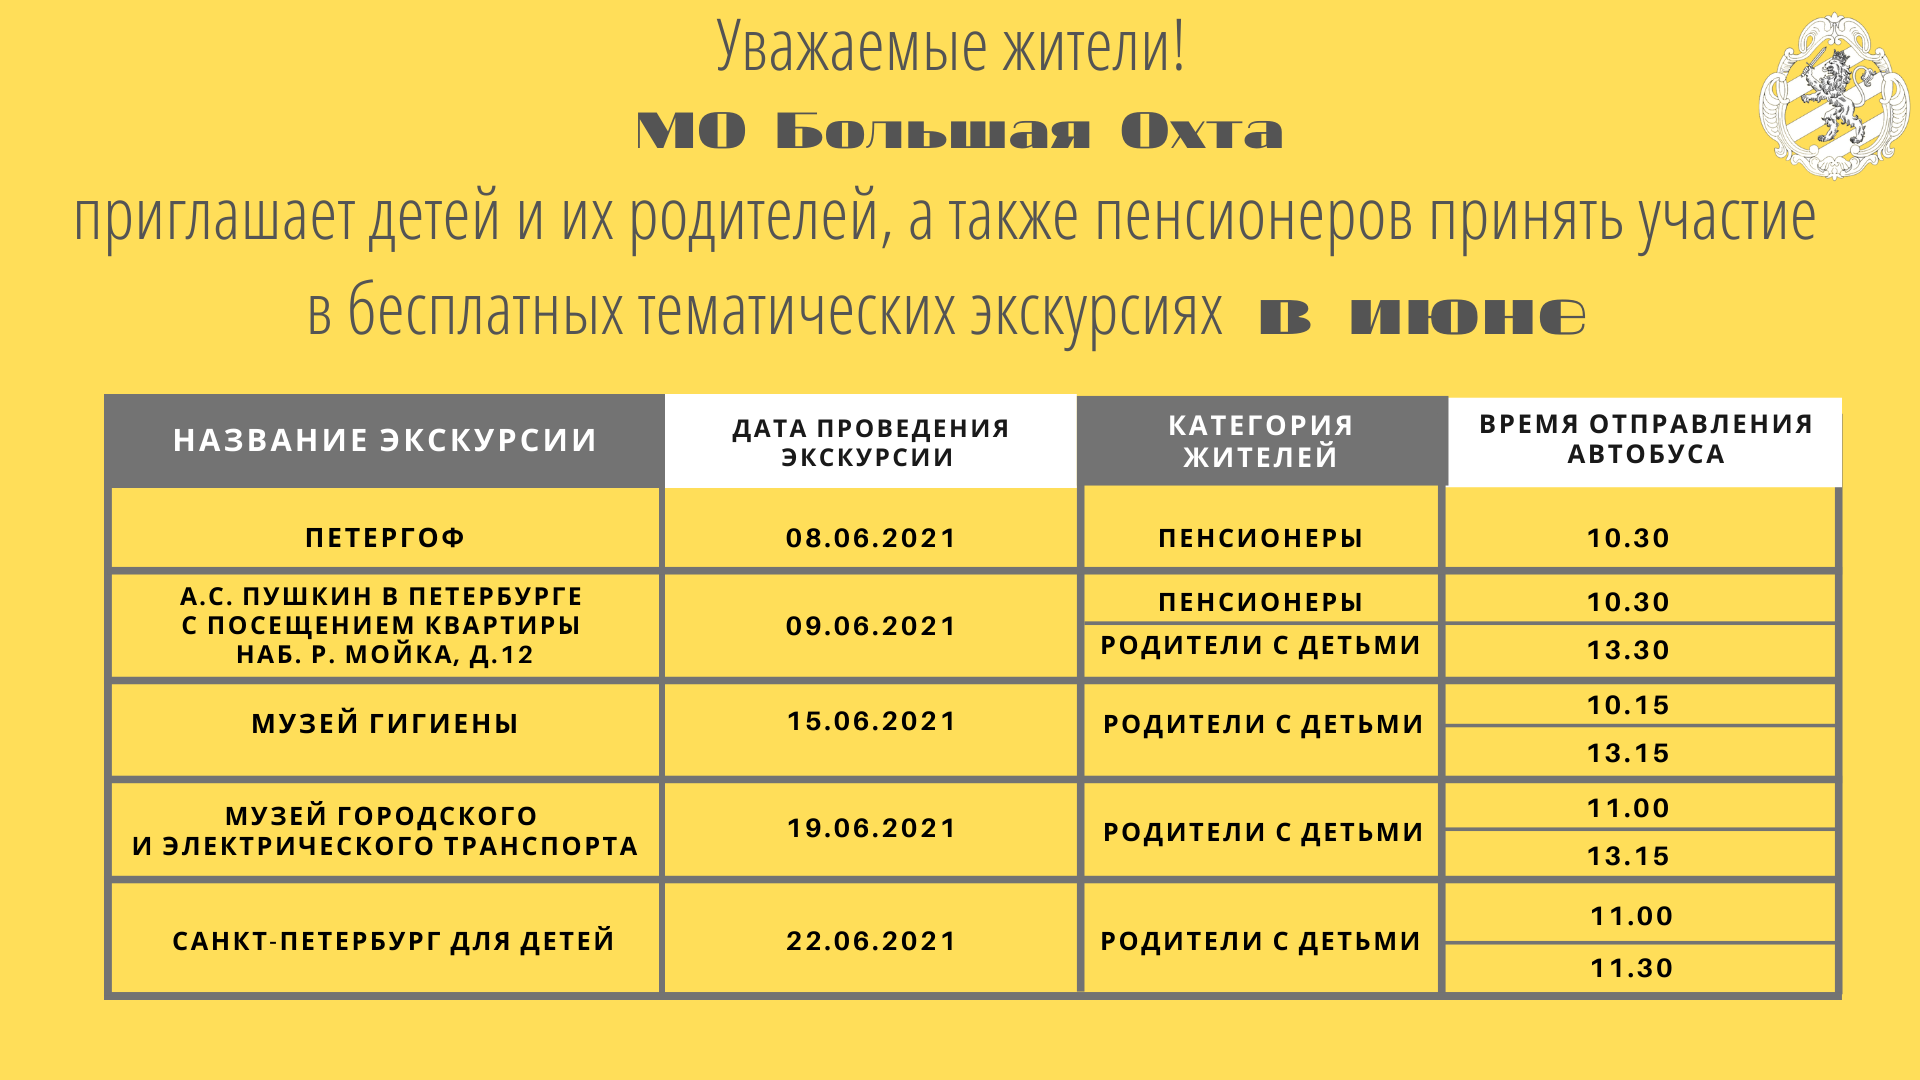 Экскурсионные поездки в ИЮНЕ для жителей МО Большая Охта